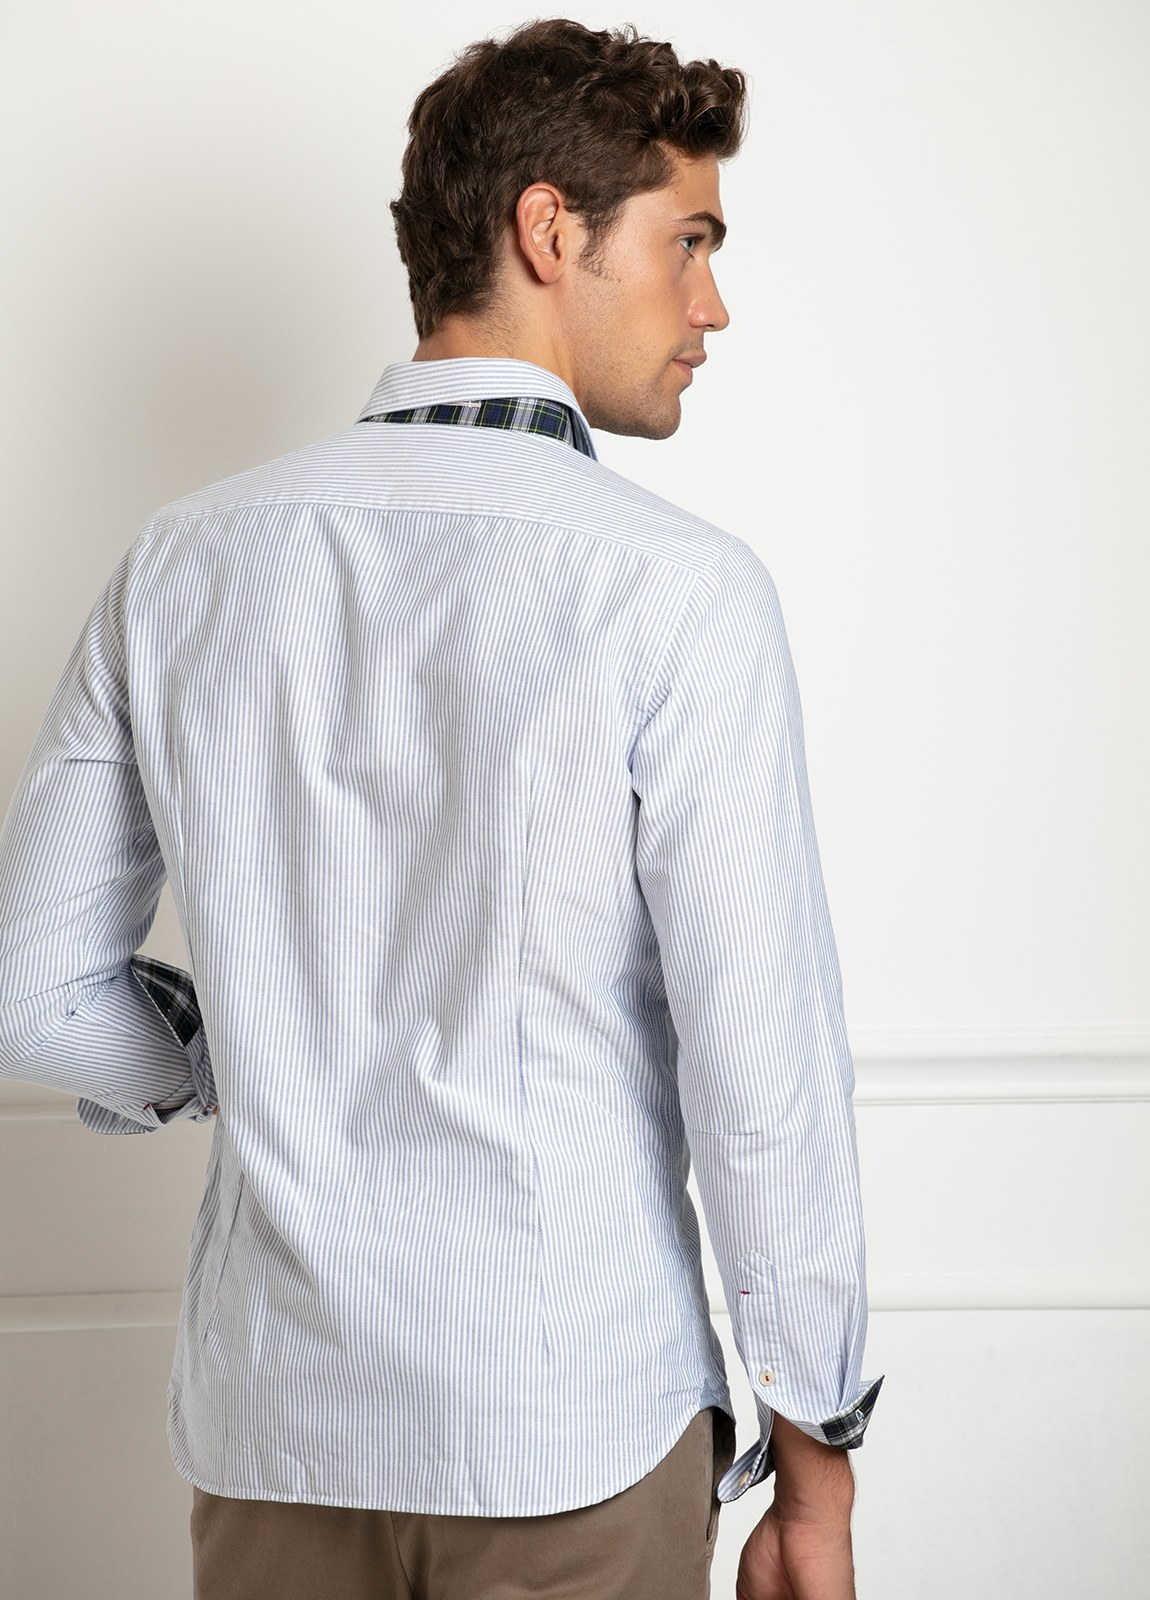 Camisa sport SLIM FIT, raya fina combinada con interior puños y cuello de cuadros, color azul celeste. 100% Algodón. - Ítem1